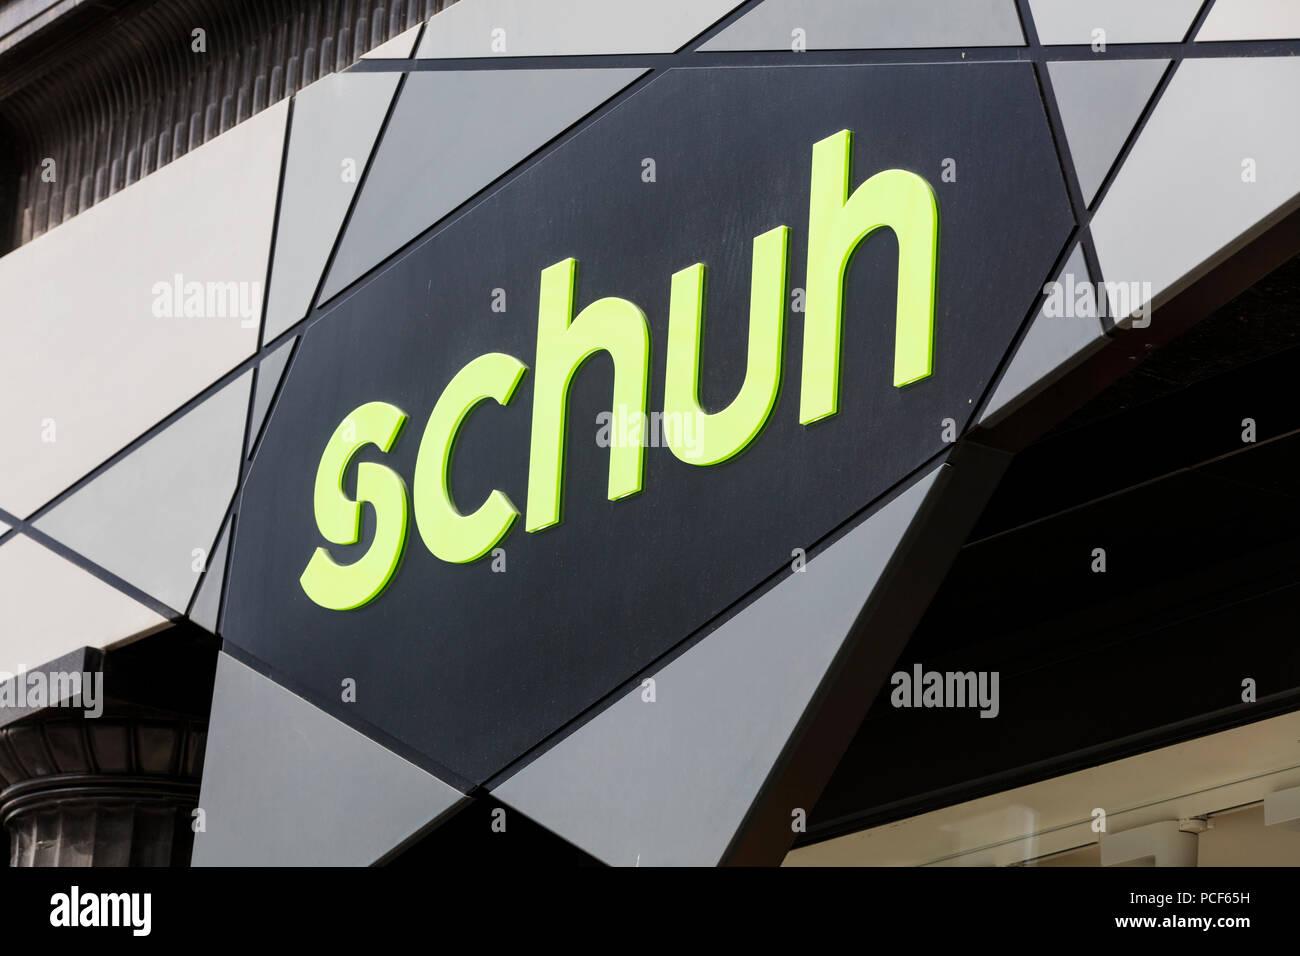 39322821ddabf4 Schuh Shoe Shop Immagini   Schuh Shoe Shop Fotos Stock - Alamy